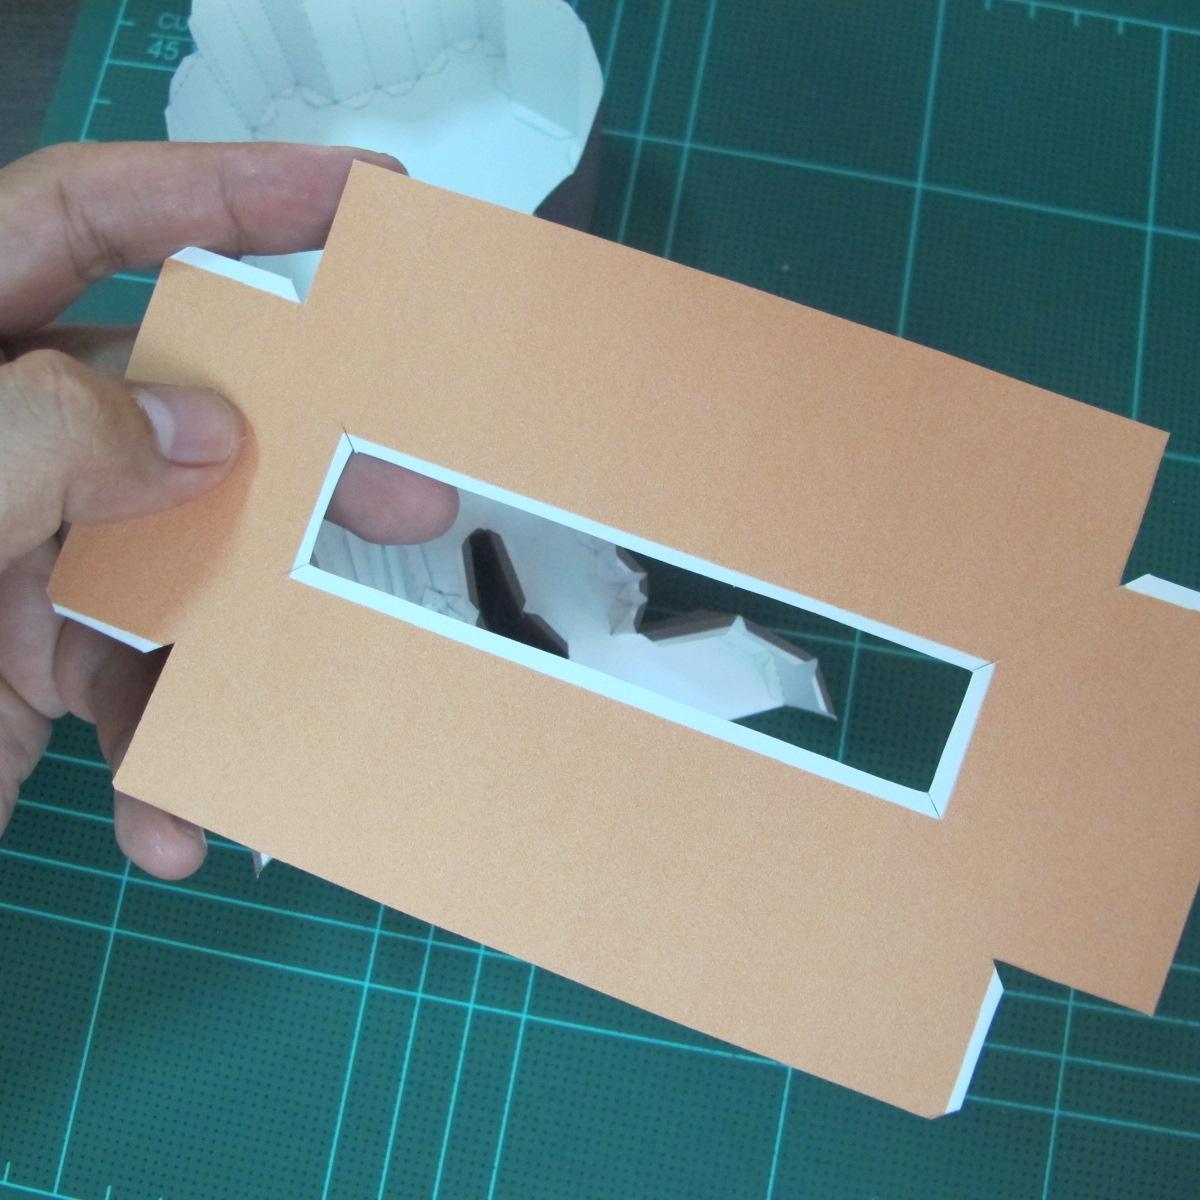 วิธีทำโมเดลกระดาษ ตุ้กตาไลน์ หมีบราวน์ ถือพลั่ว (Line Brown Bear With Shovel Papercraft Model -「シャベル」と「ブラウン」) 023